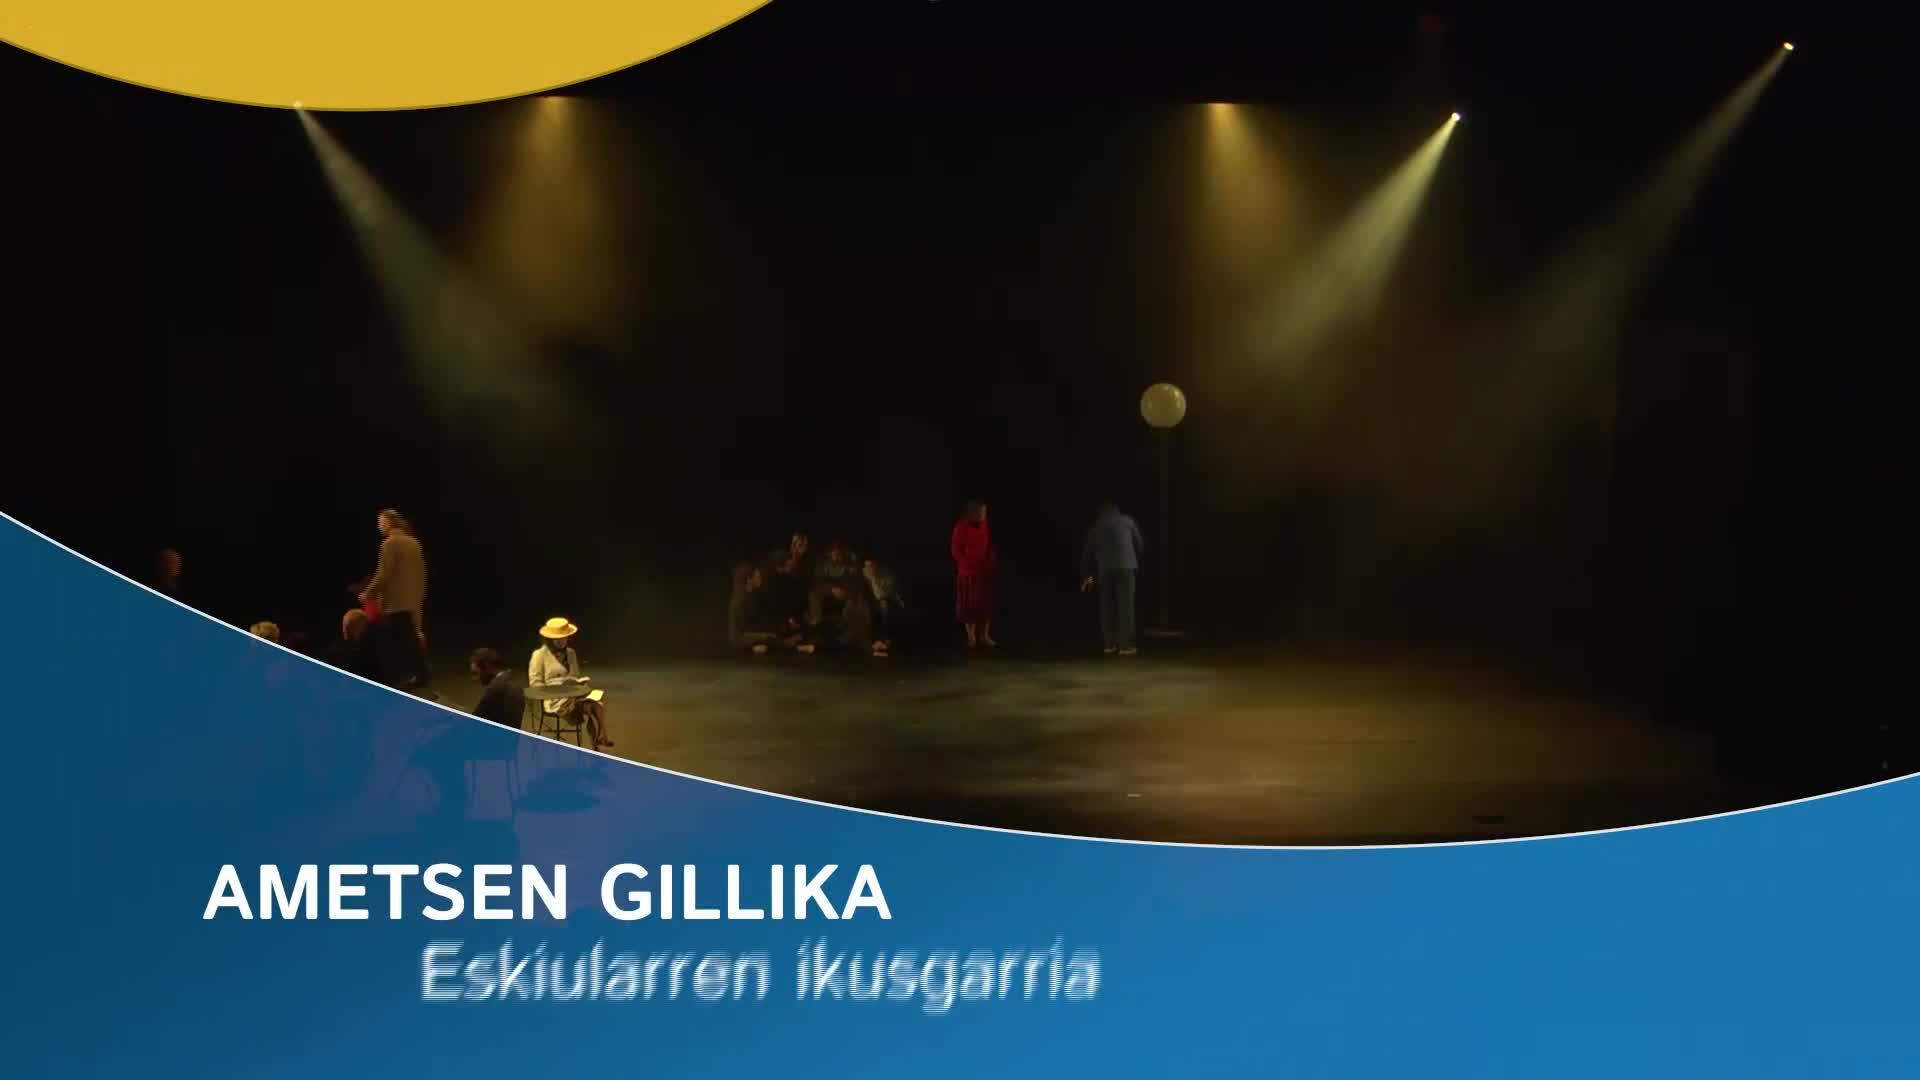 Ametsen Gillika Eskiularren ikusgarria